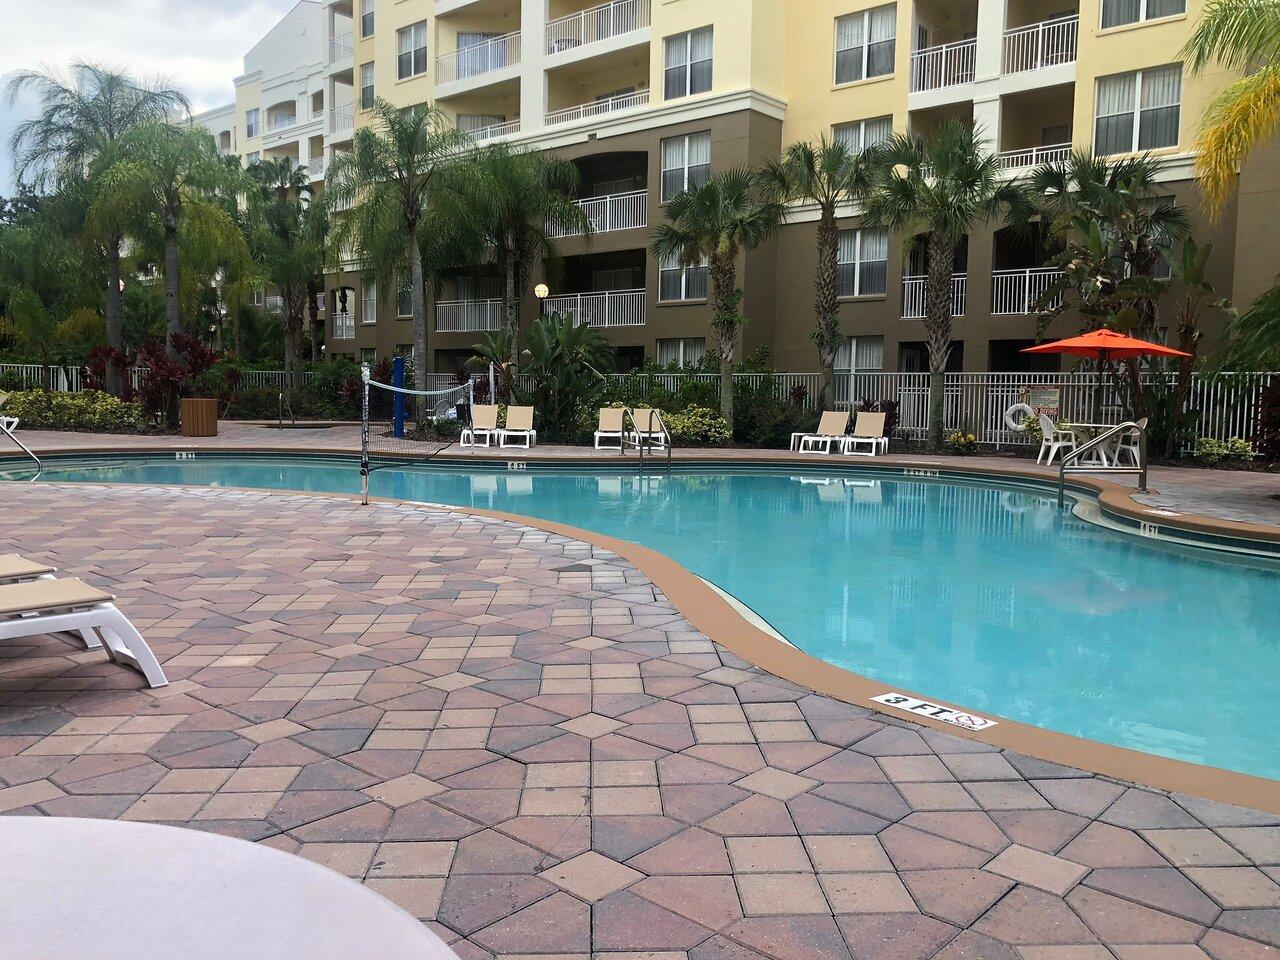 Vacation Village at Parkway Pool